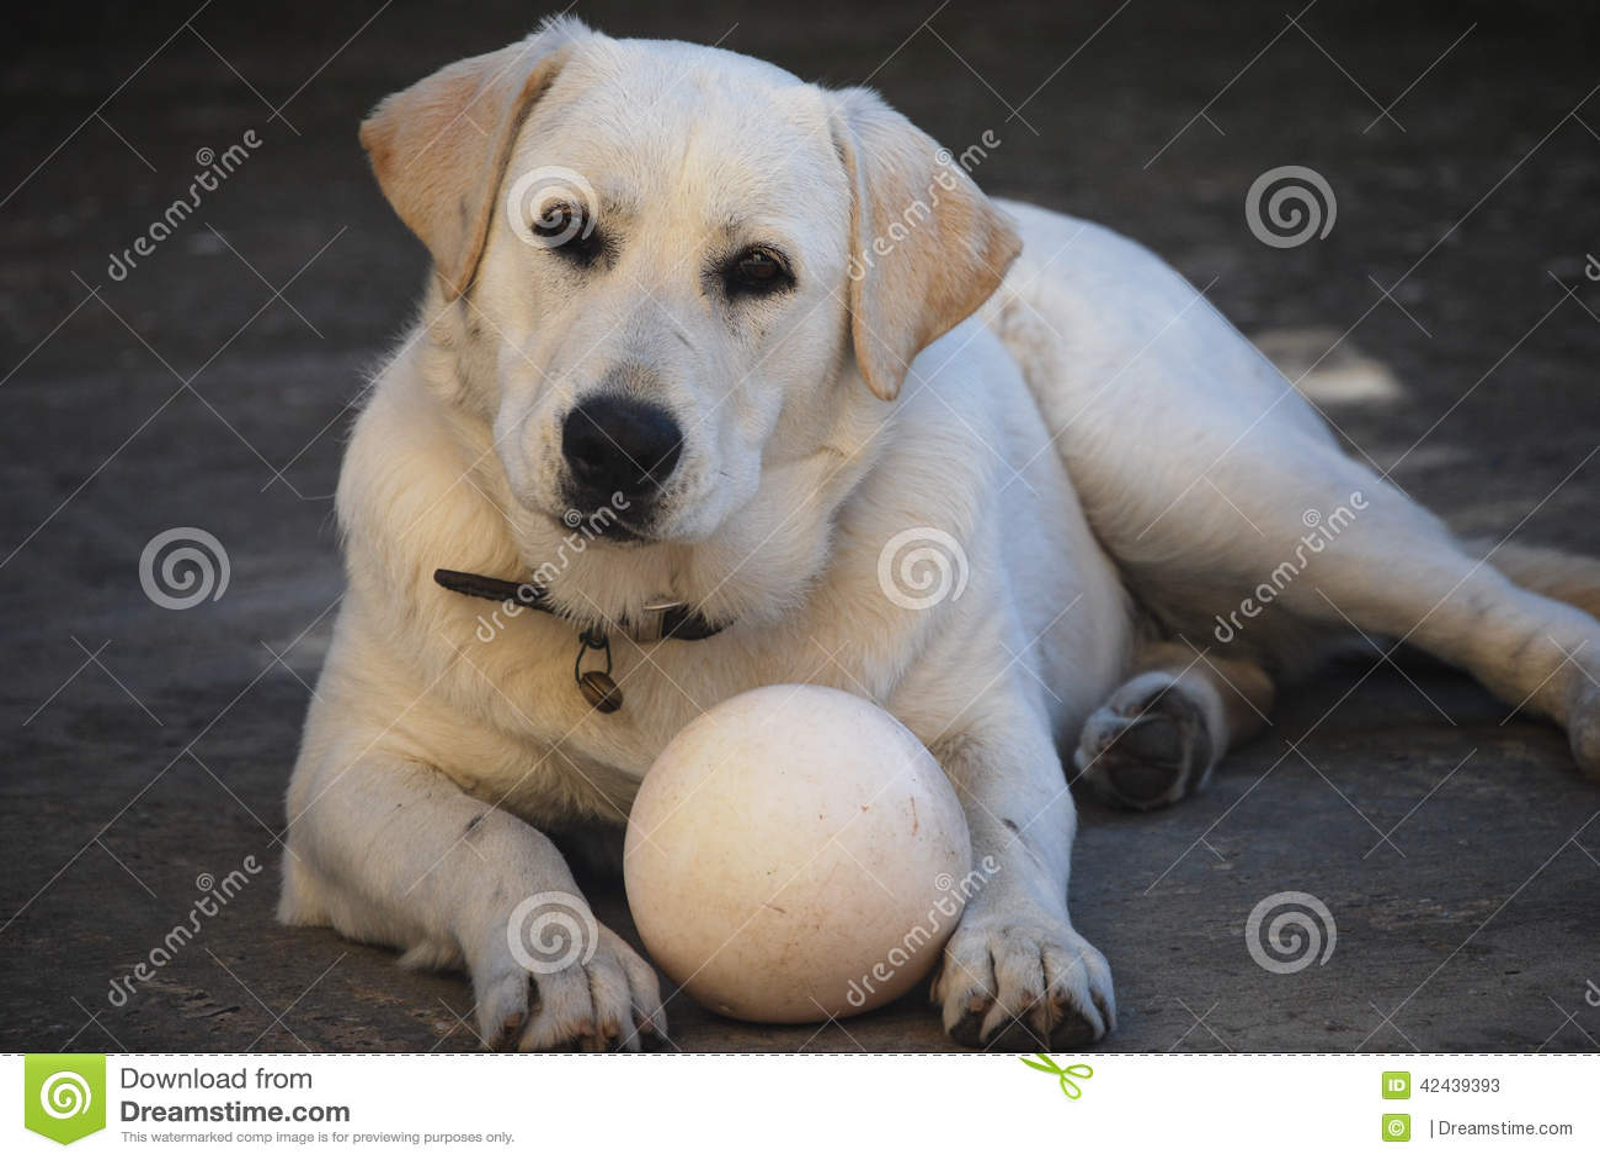 Perro de Labrador con la bola